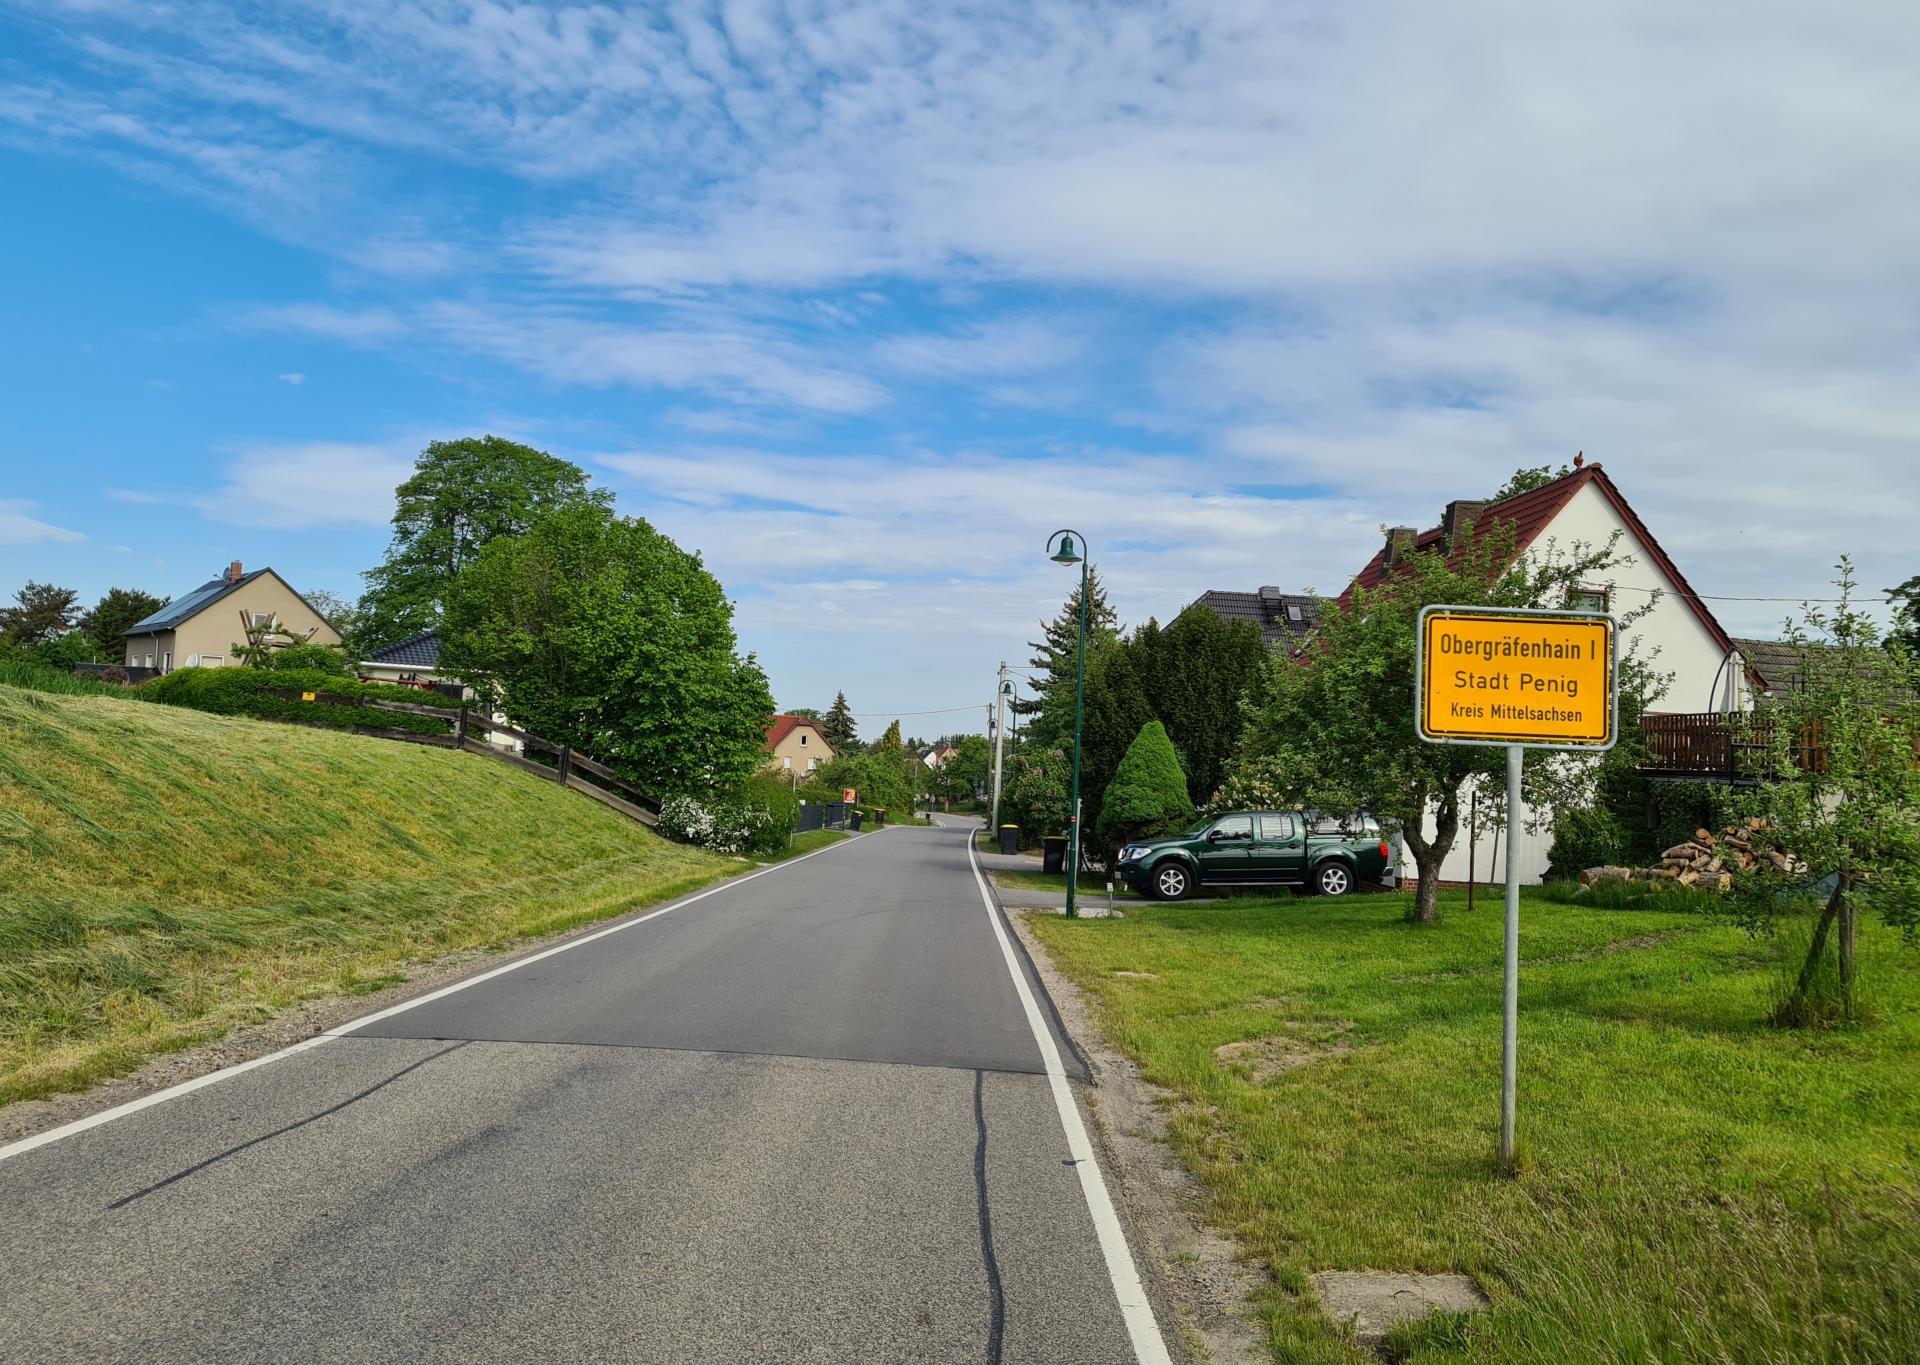 Obergräfenhain